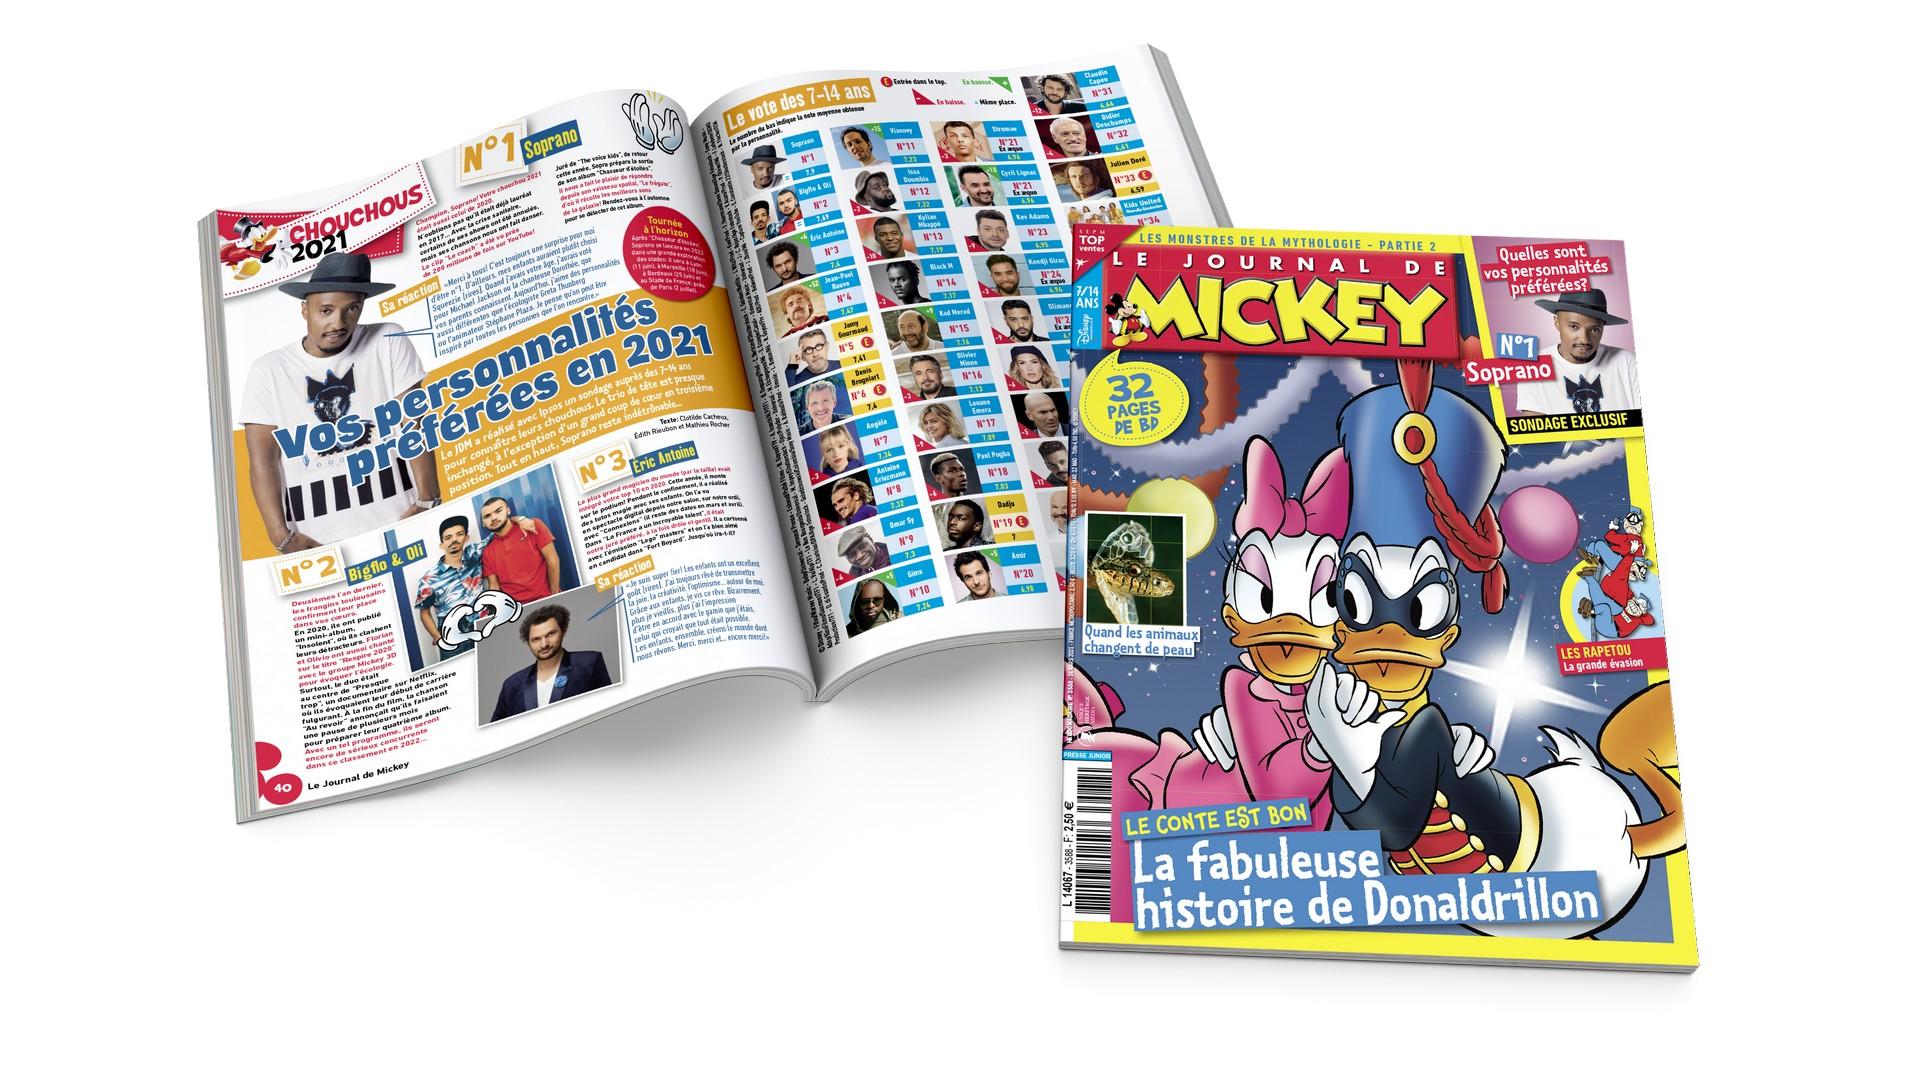 Le Journal de Mickey 23 mars 2021